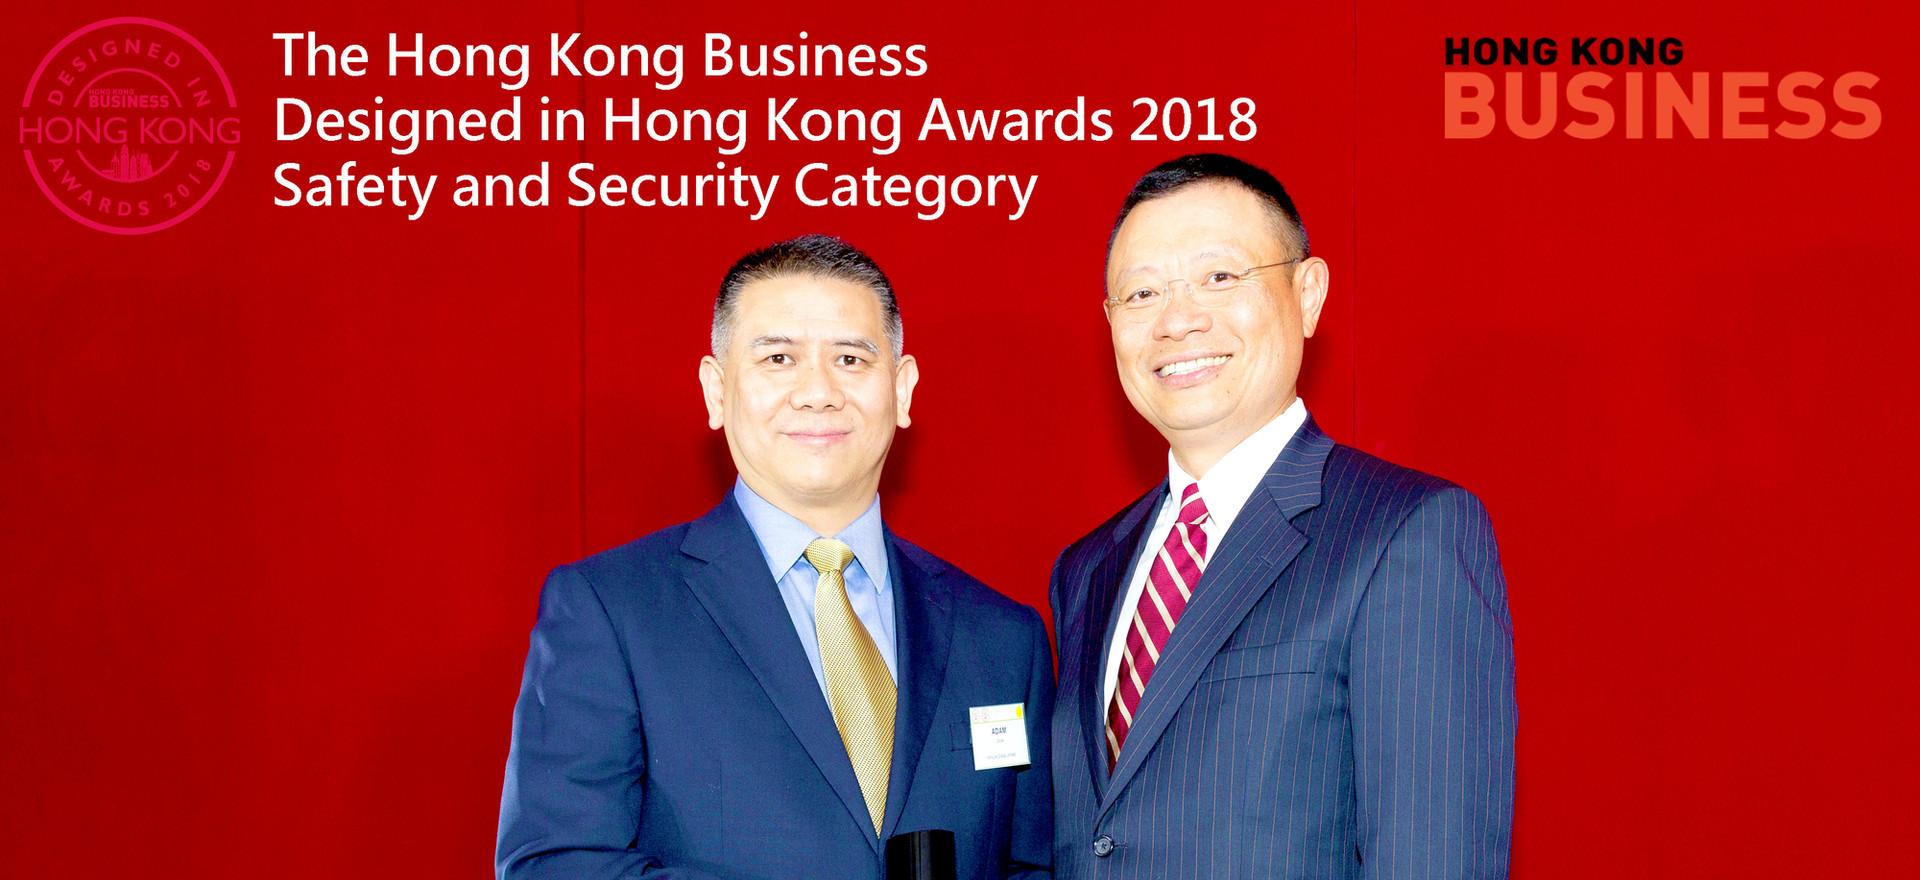 The Hong Kong Business Designed in Hong Kong Awards 2018